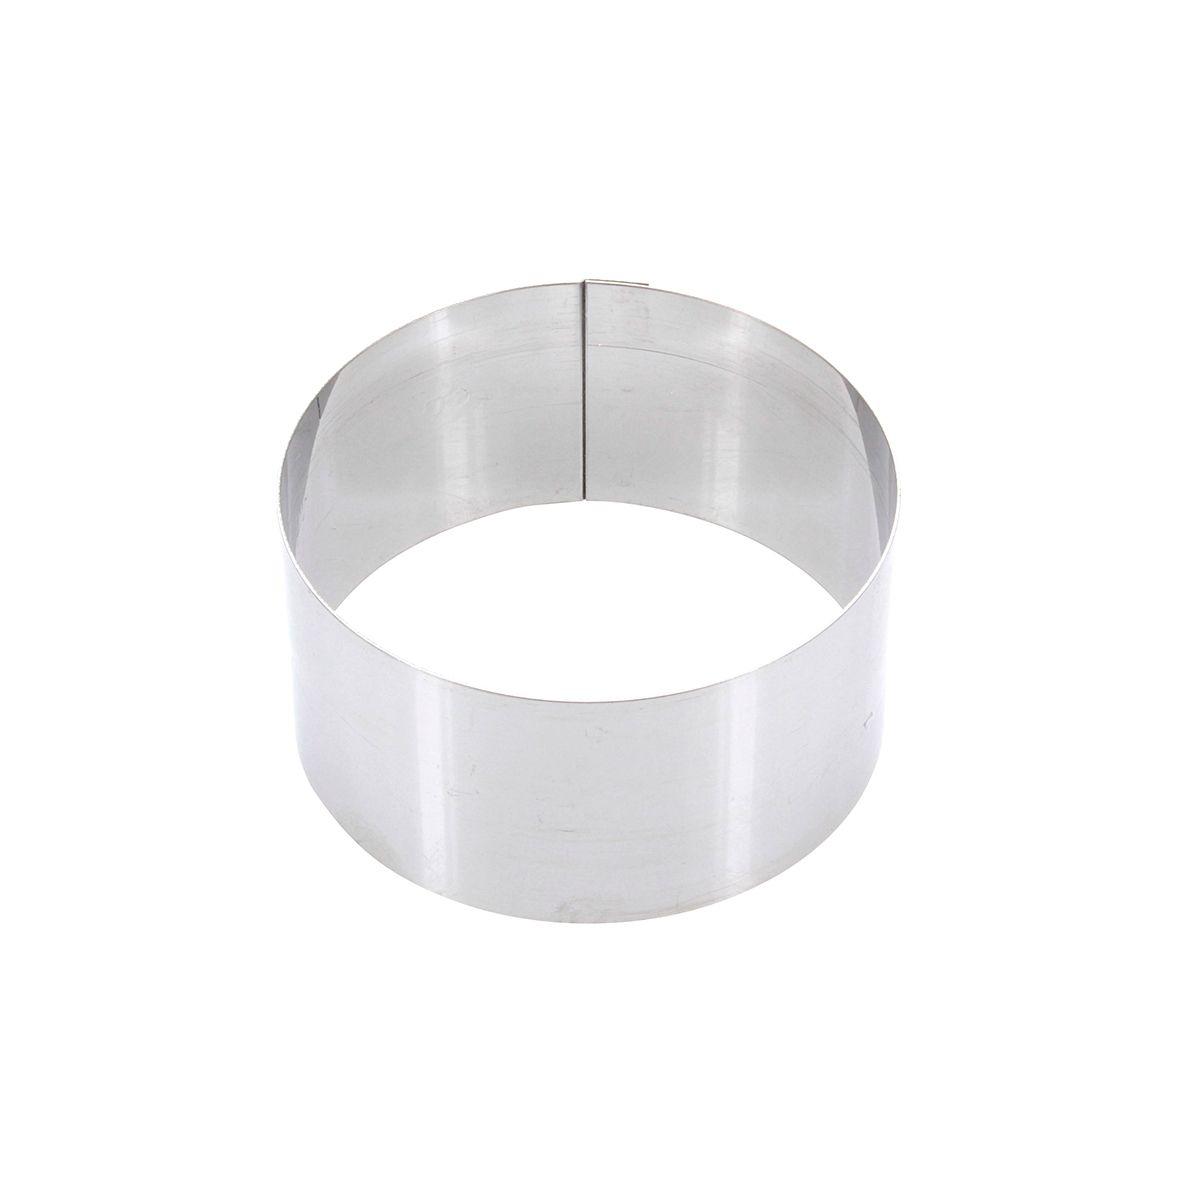 Cercle à pâtisserie individuel en inox 9 cm hauteur 4,5 cm - Alice Délice